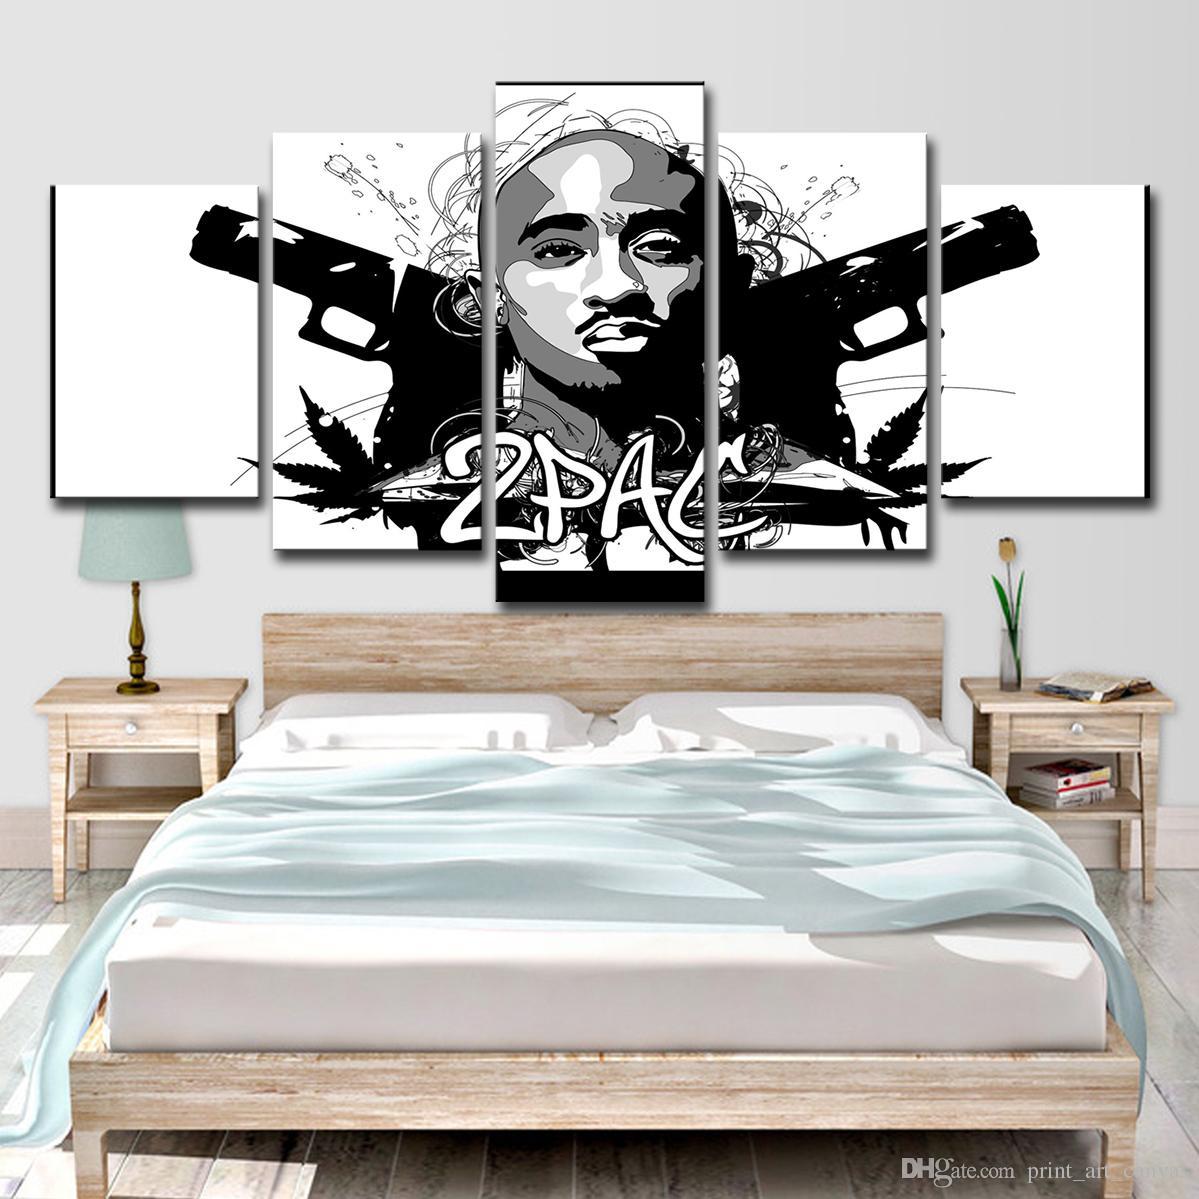 Full Size of Hd Gedruckt 5 Stck Leinwand Kunst Rap 2pac Hip Hop Lampe Wohnzimmer Fürs Vitrine Weiß Vorhänge Tischlampe Hängelampe Teppich Vorhang Liege Sessel Led Wohnzimmer Wohnzimmer Wandbilder